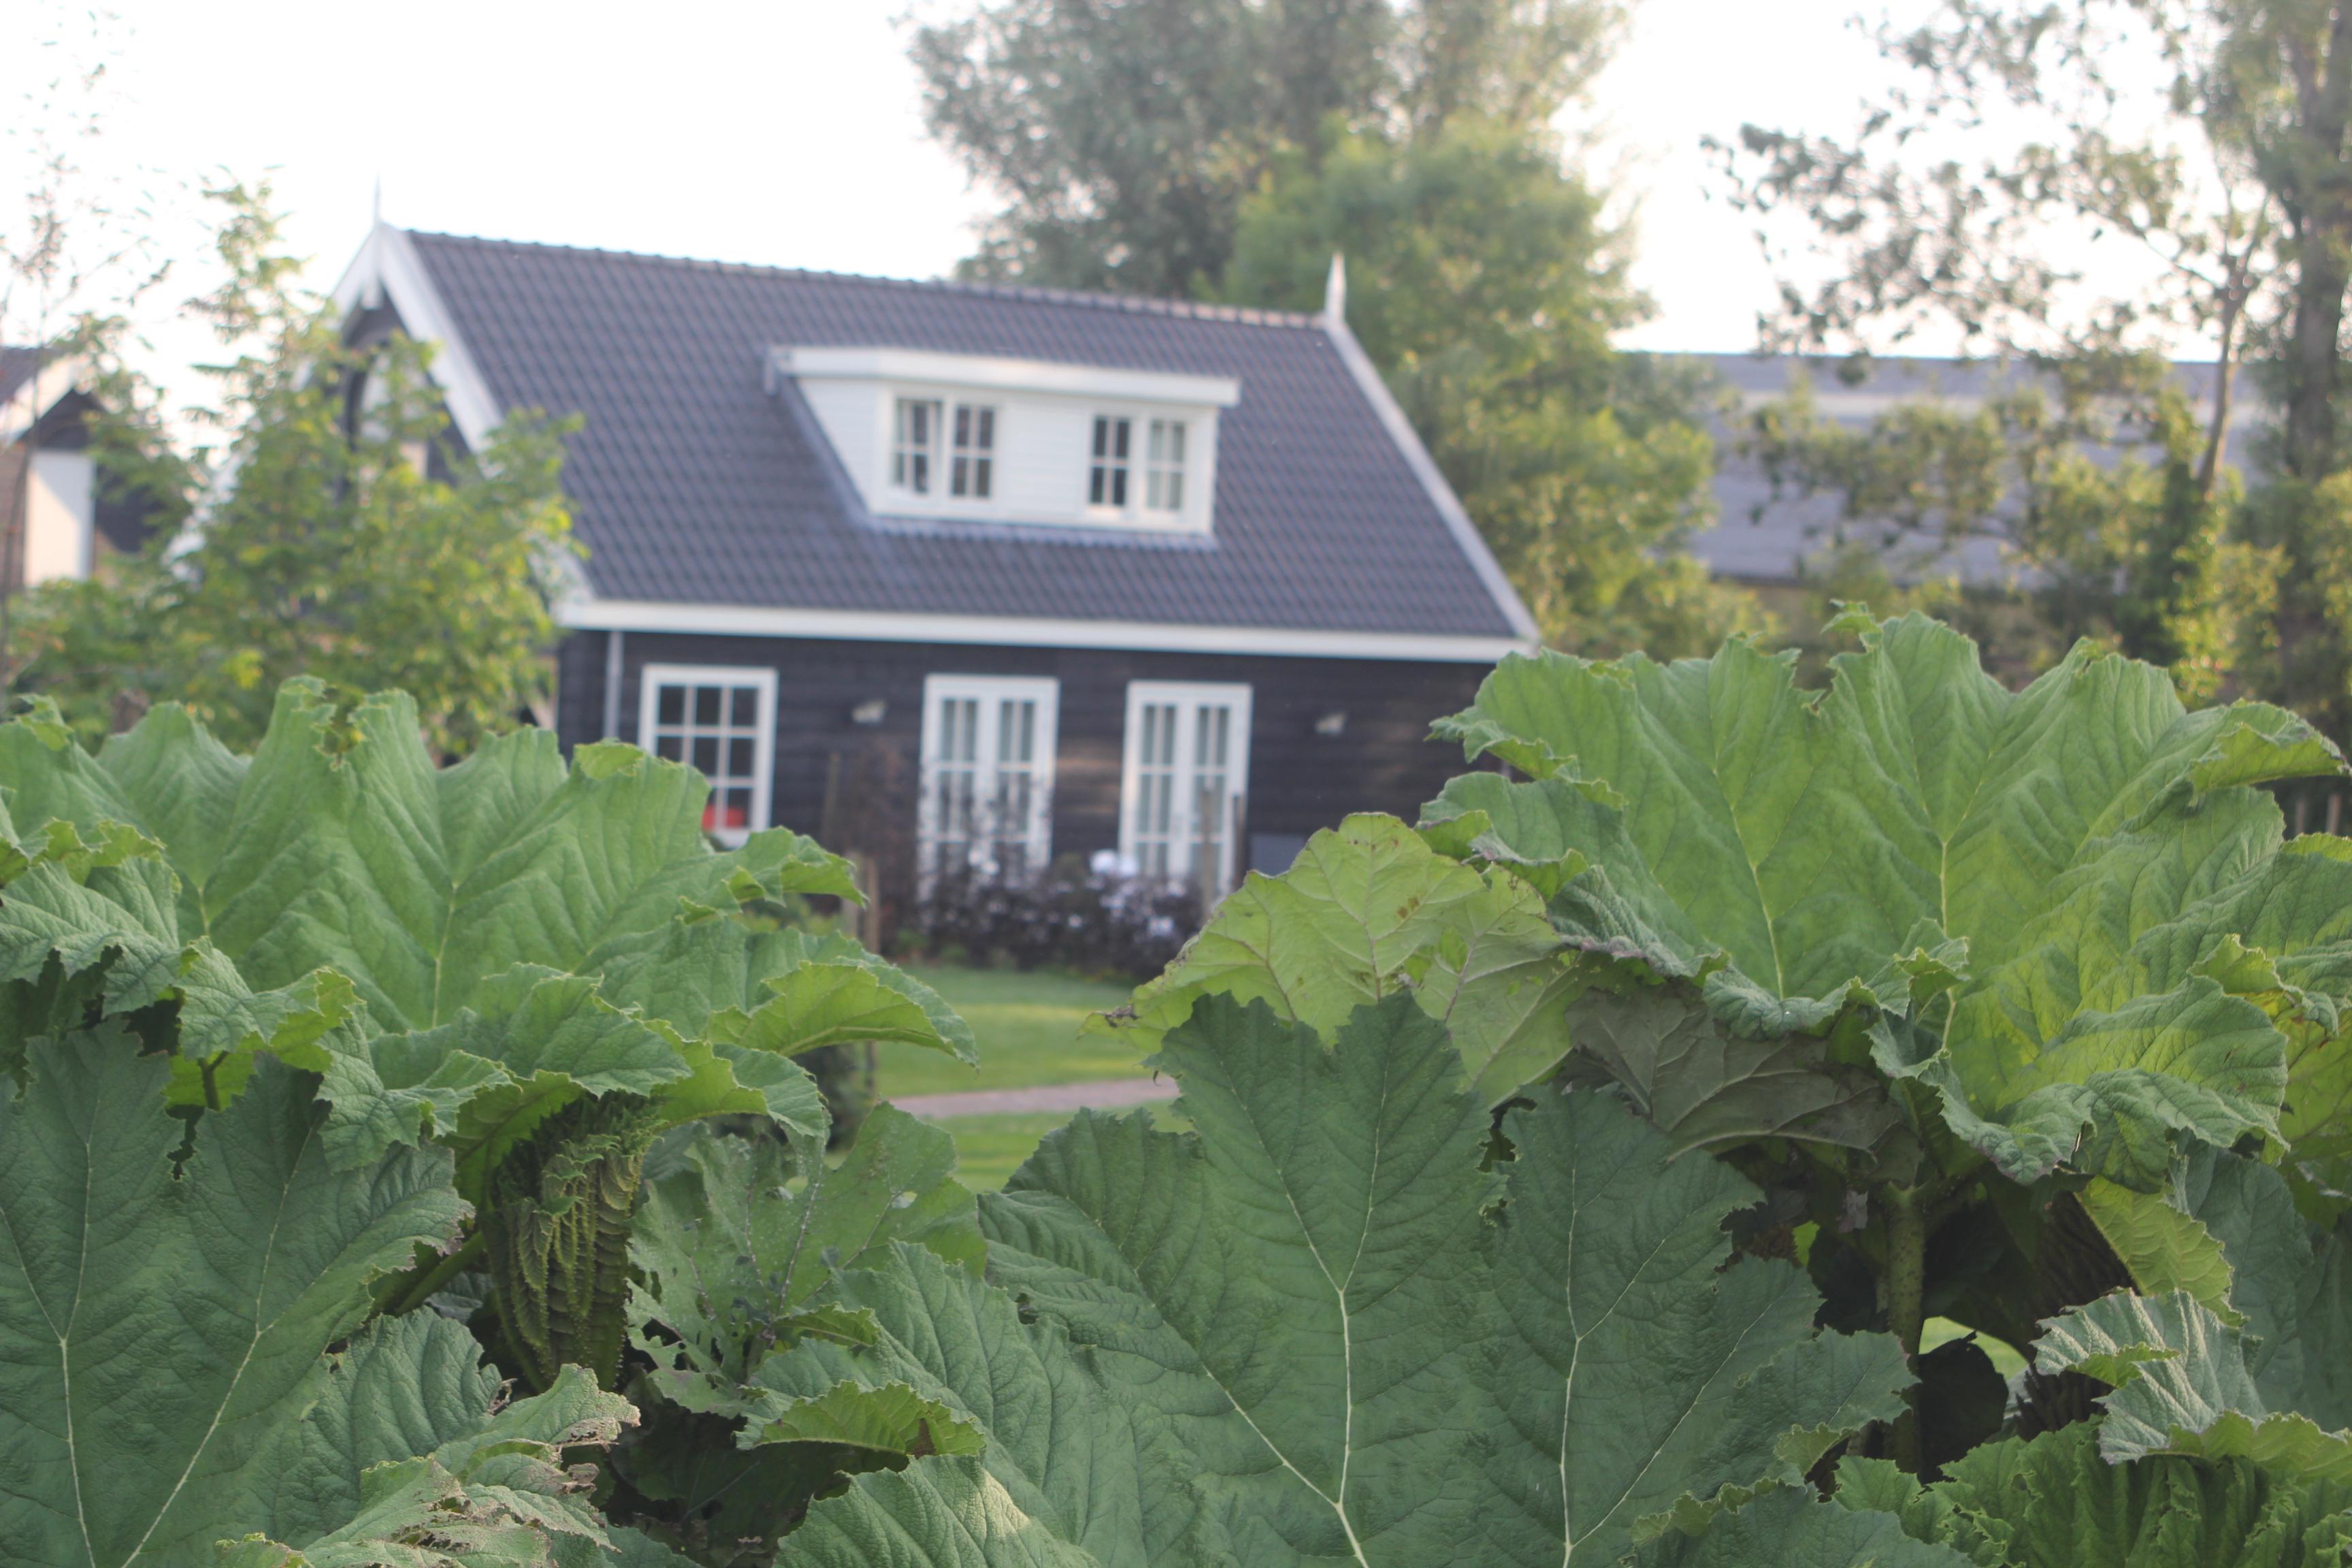 Het Koetshuis - Midden in 'Het groene hart van Holland'